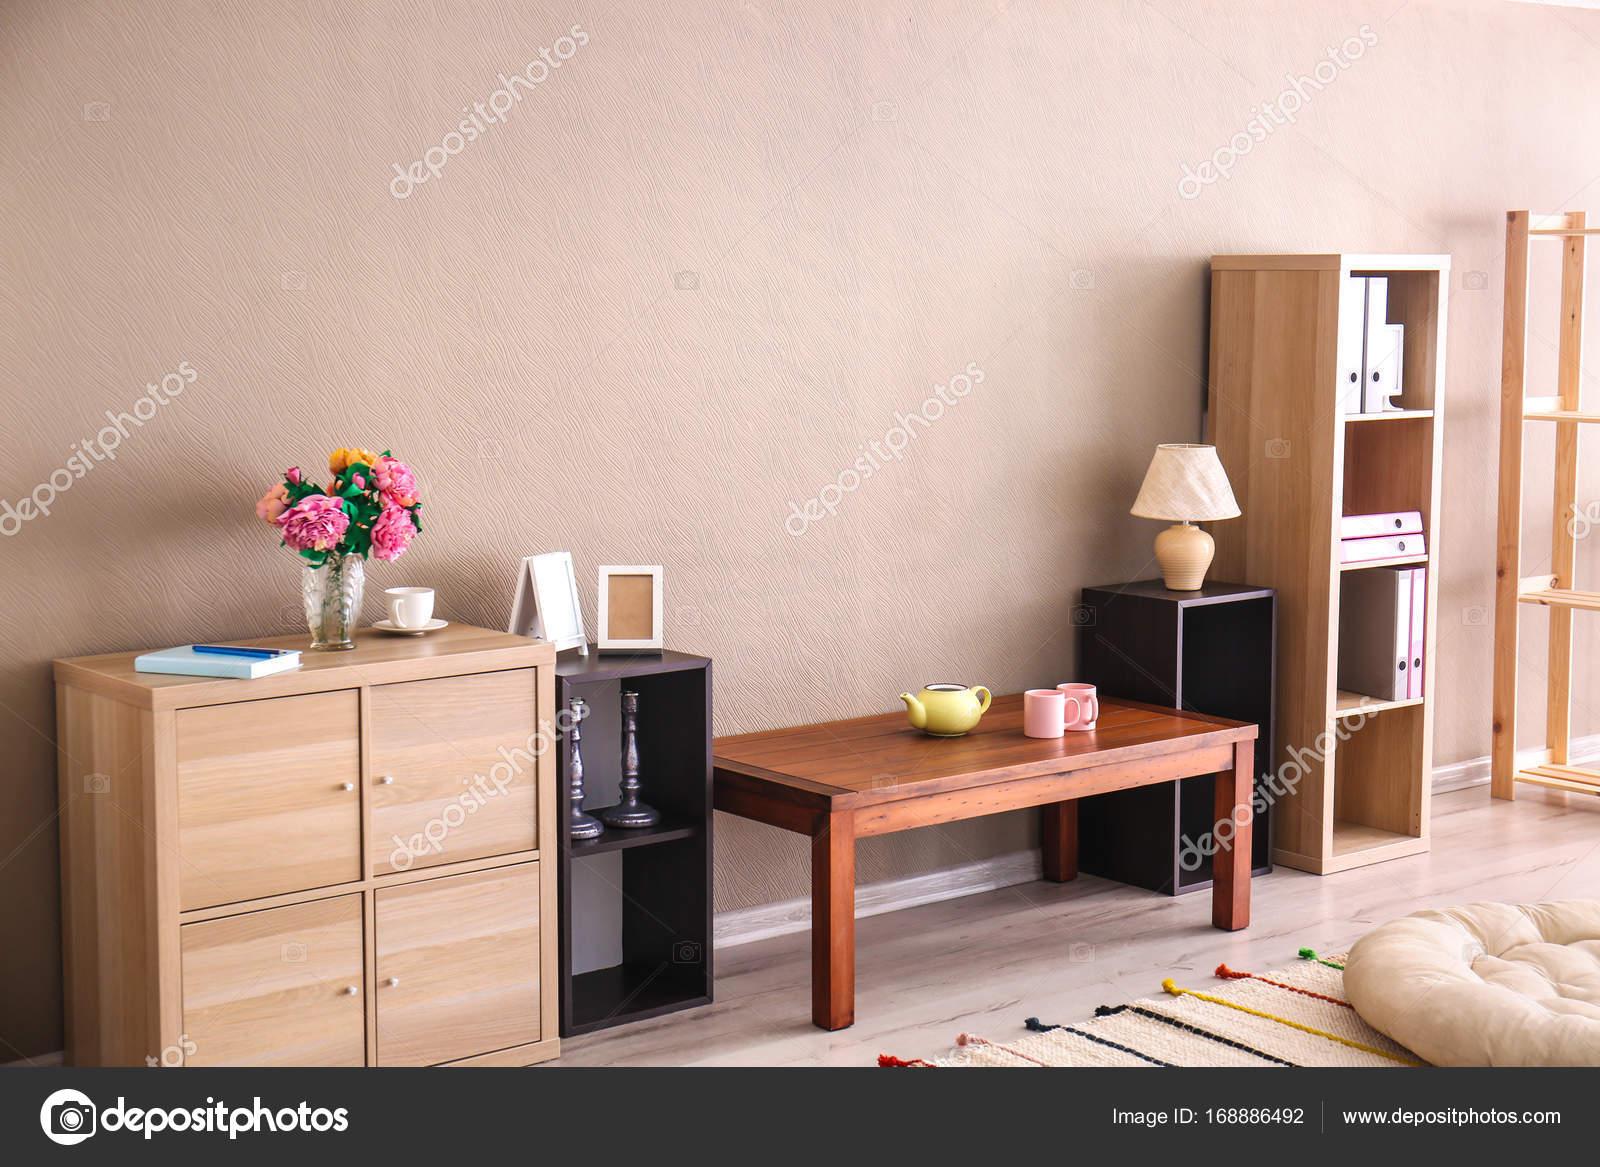 Moderne woonkamer interieur met plaats voor Tv-toestel — Stockfoto ...